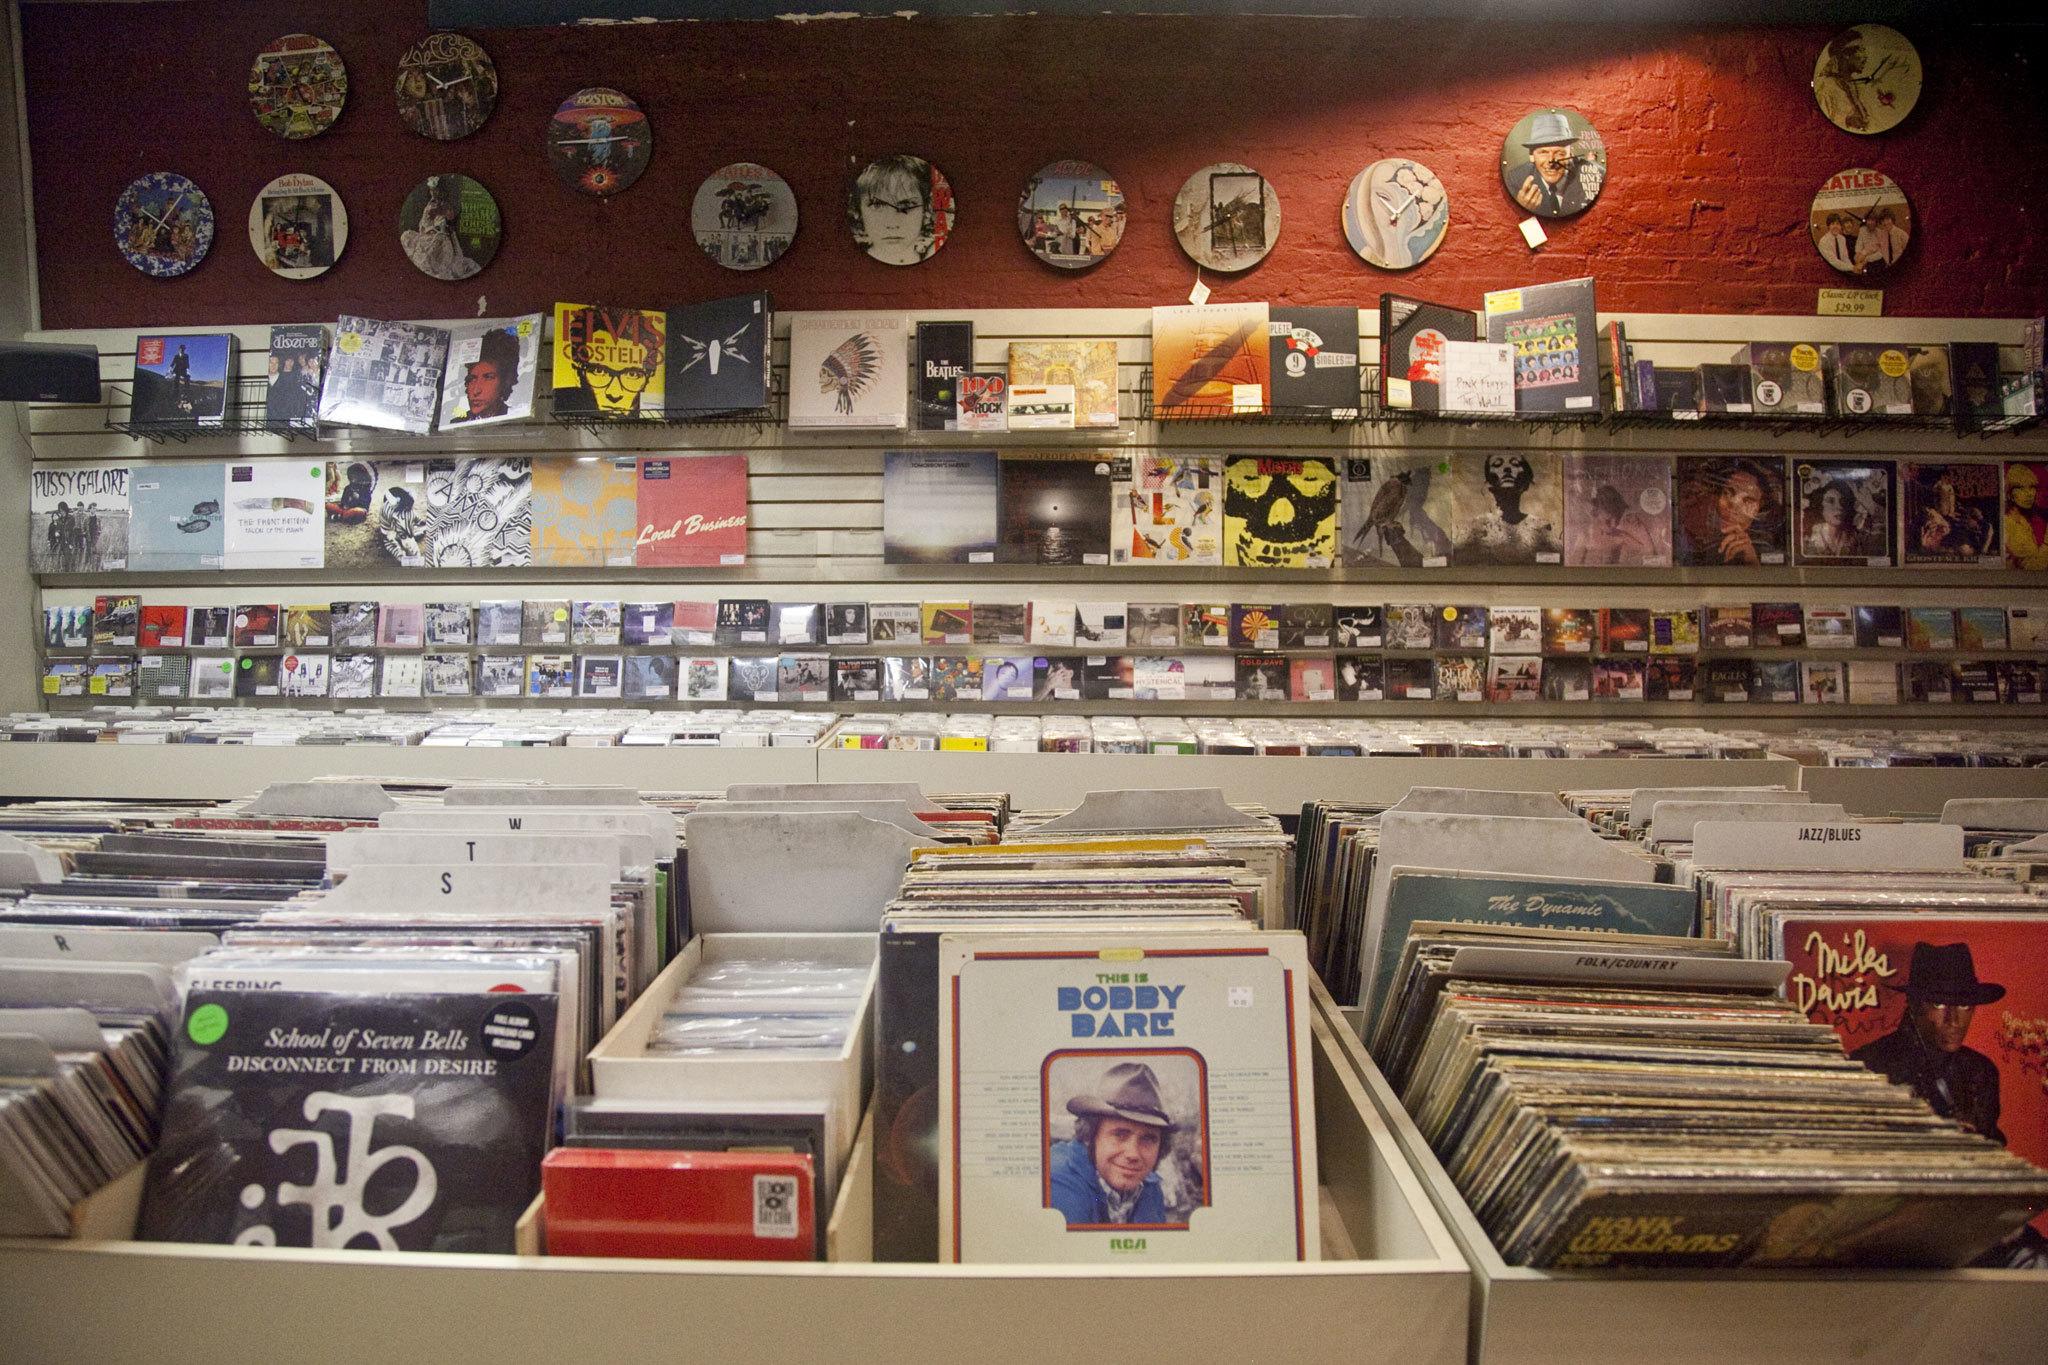 Dig for vinyl